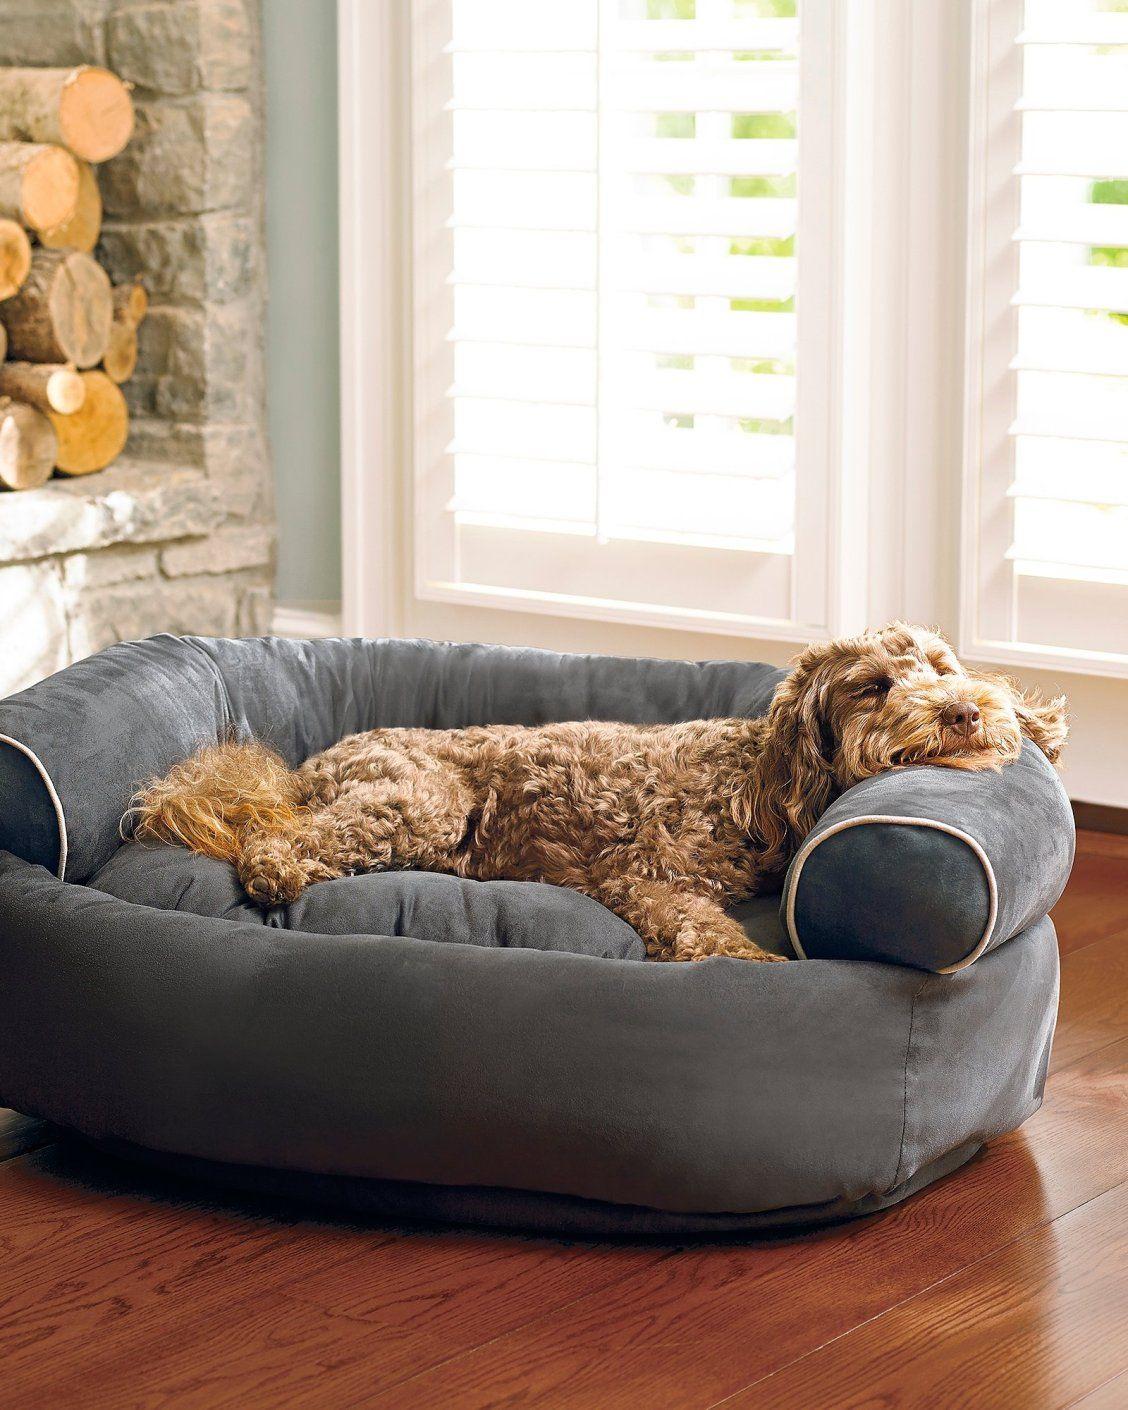 Sofa Dog Bed Grandin Road Dog Sofa Bed Dog Bed Furniture Elevated Dog Bed